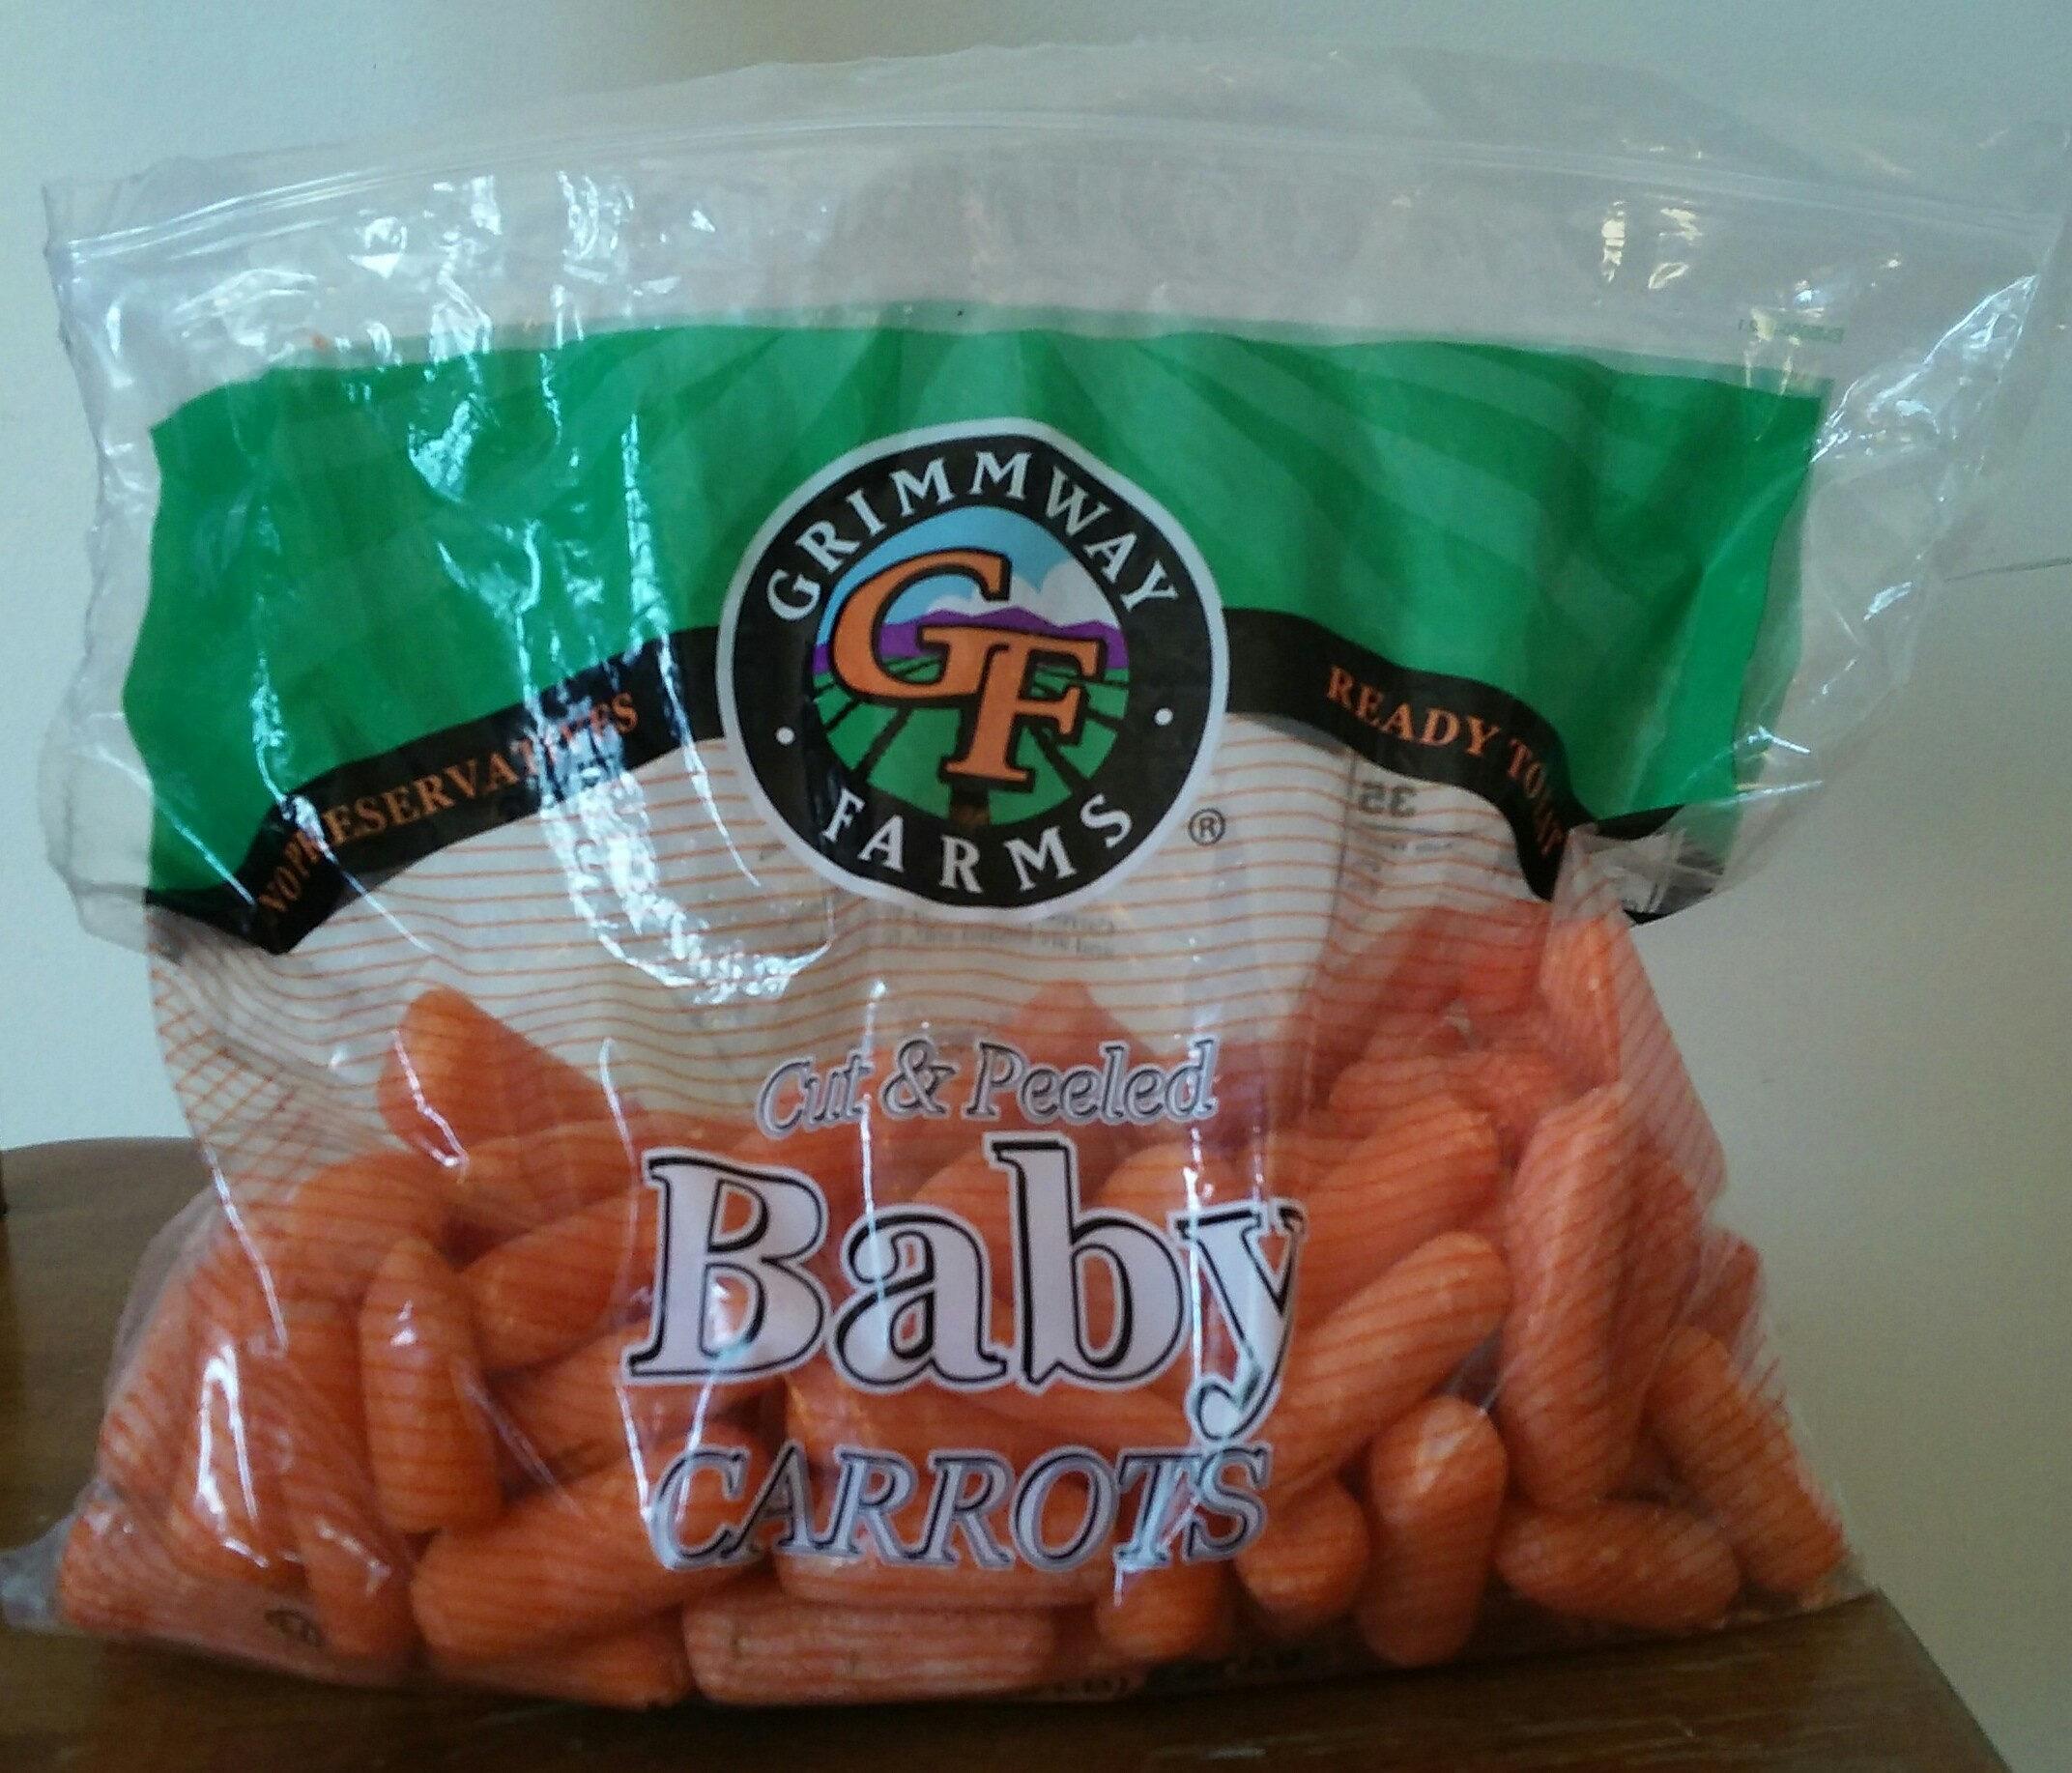 Peeled carrots - Product - en